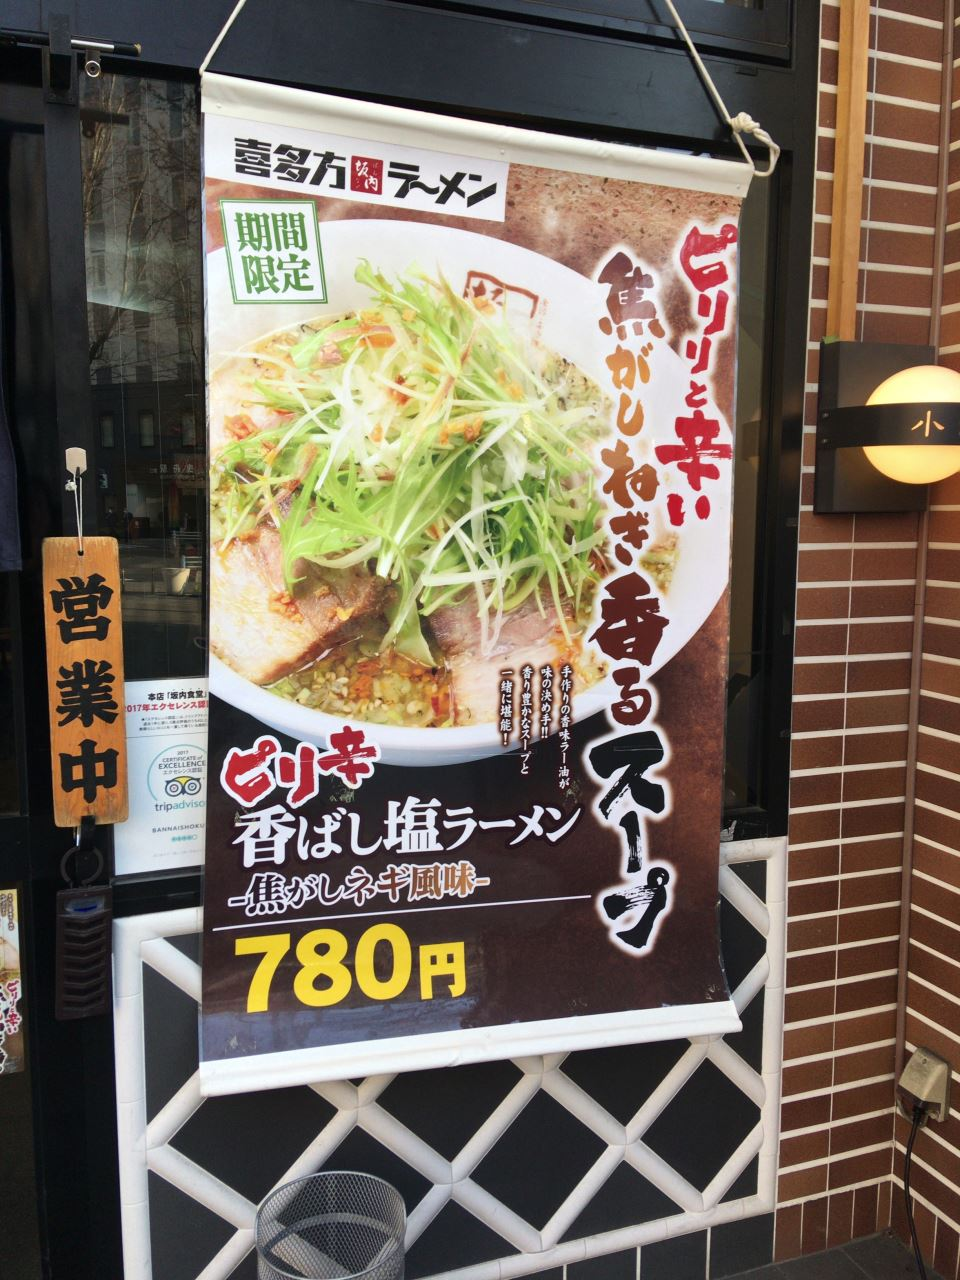 ピリ辛香ばし塩ラーメン 焦がしネギ風味780円 |喜多方坂内